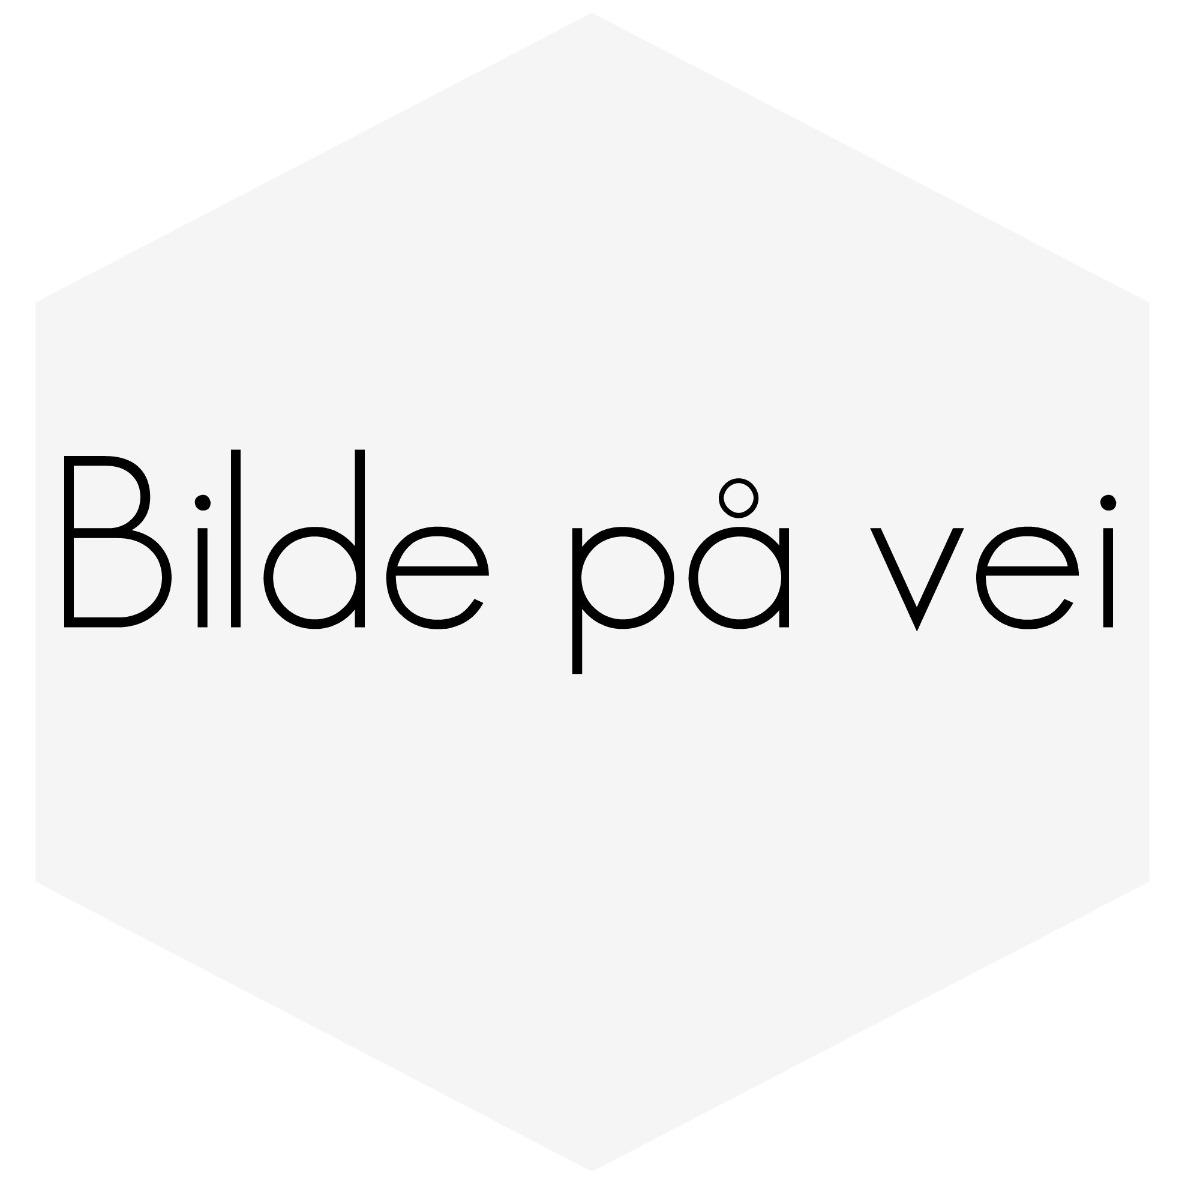 ØYEBOLT SPARCO TIL FESTING AV SLIK SOM SIKKERHETSBELTER